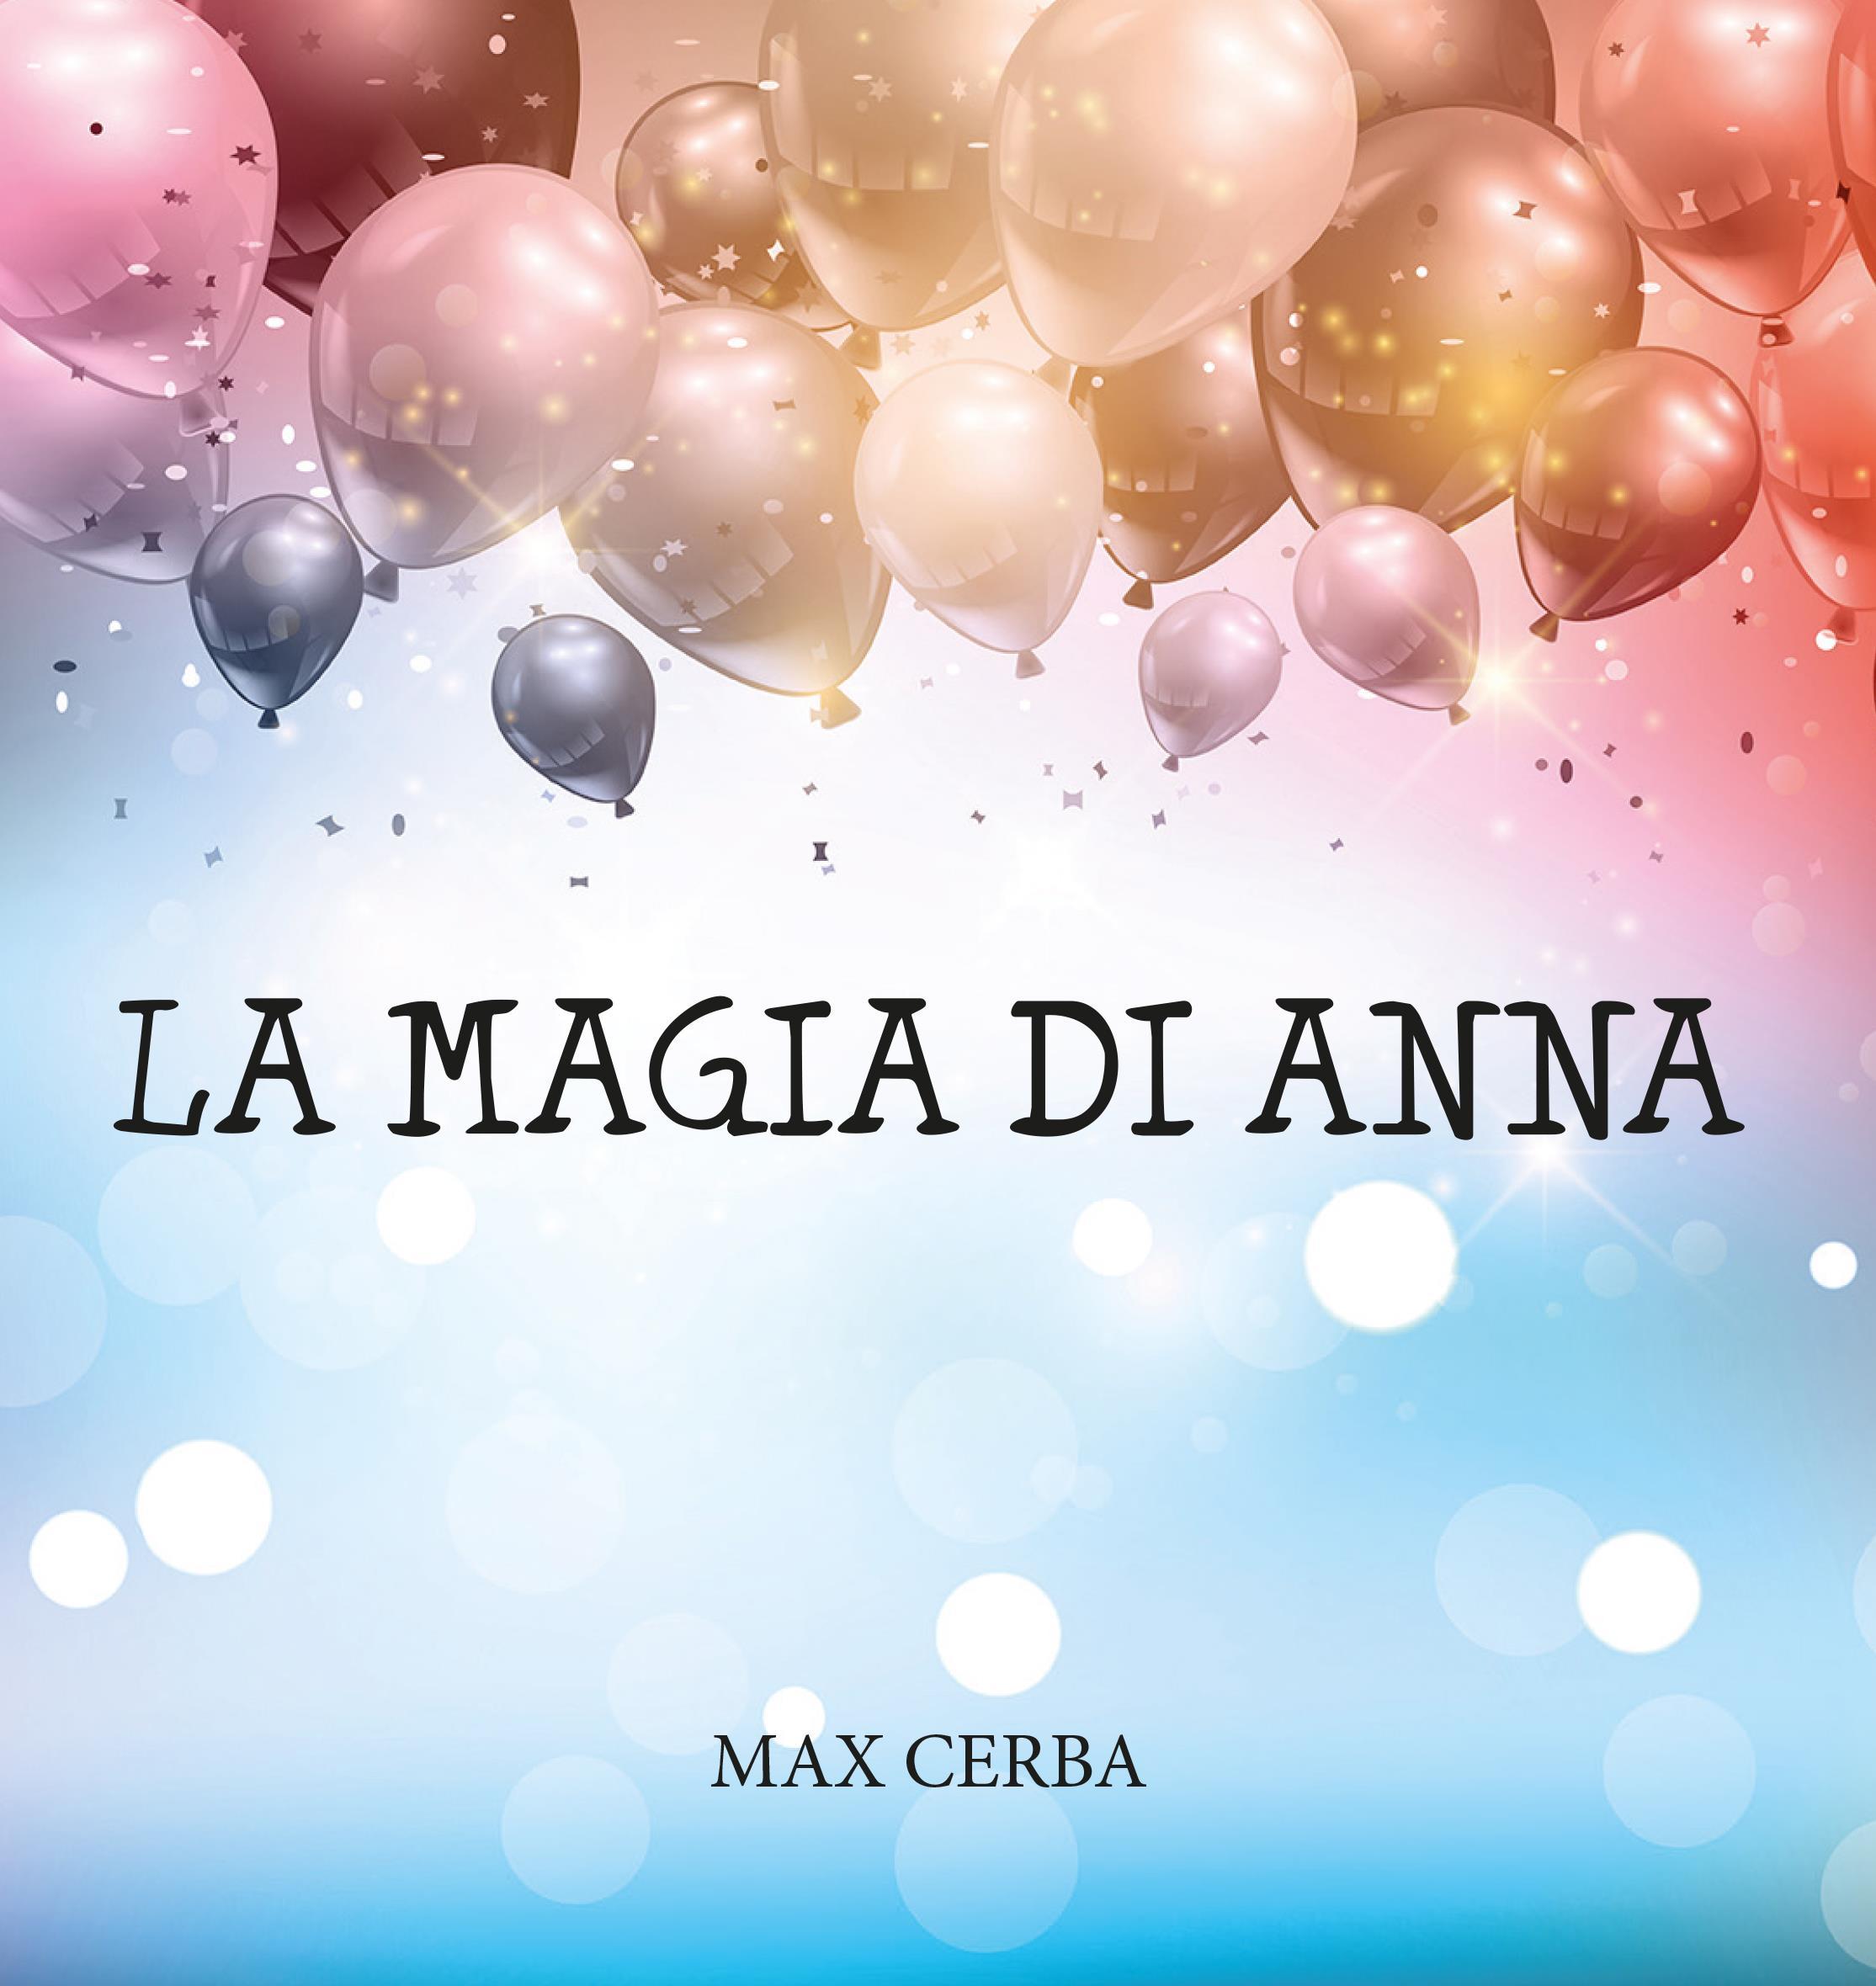 La magia di Anna